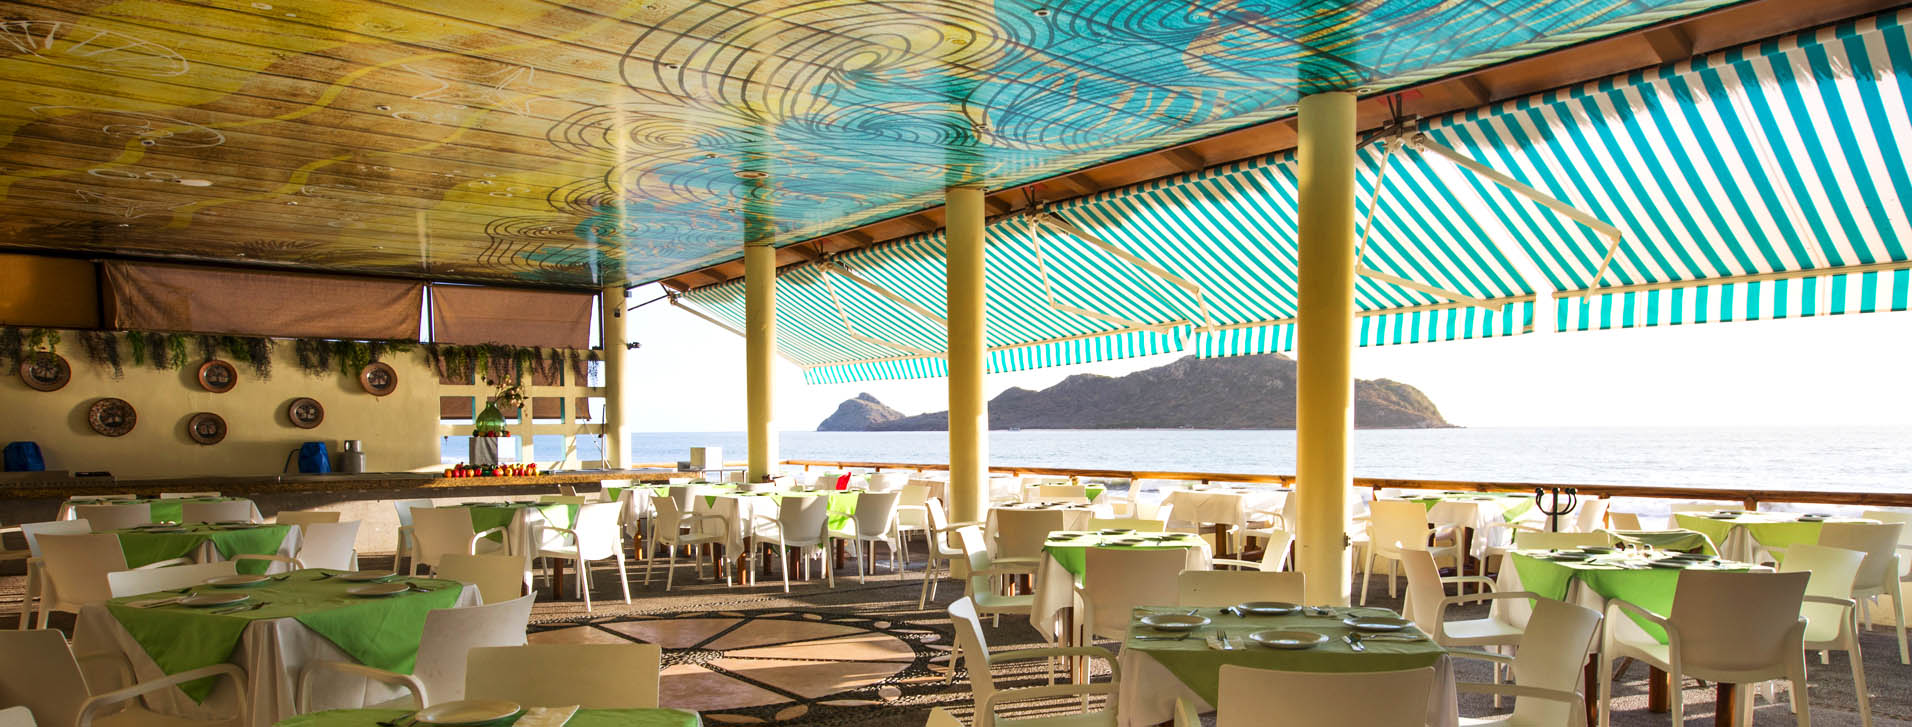 banner restaurante